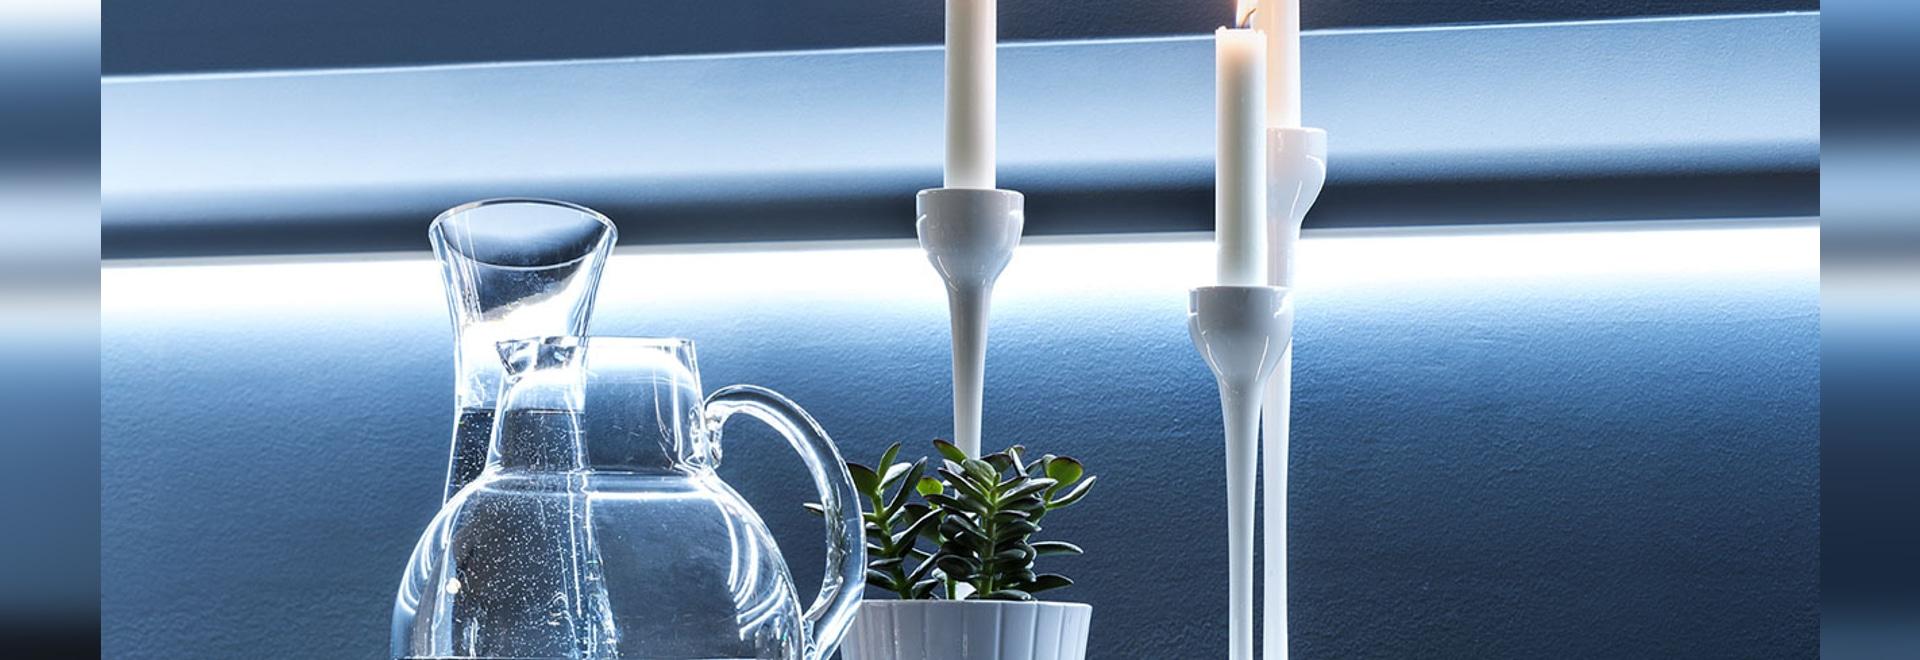 Accensione delle soluzioni per i modanature, le battiscope e i wallpanels decorativi